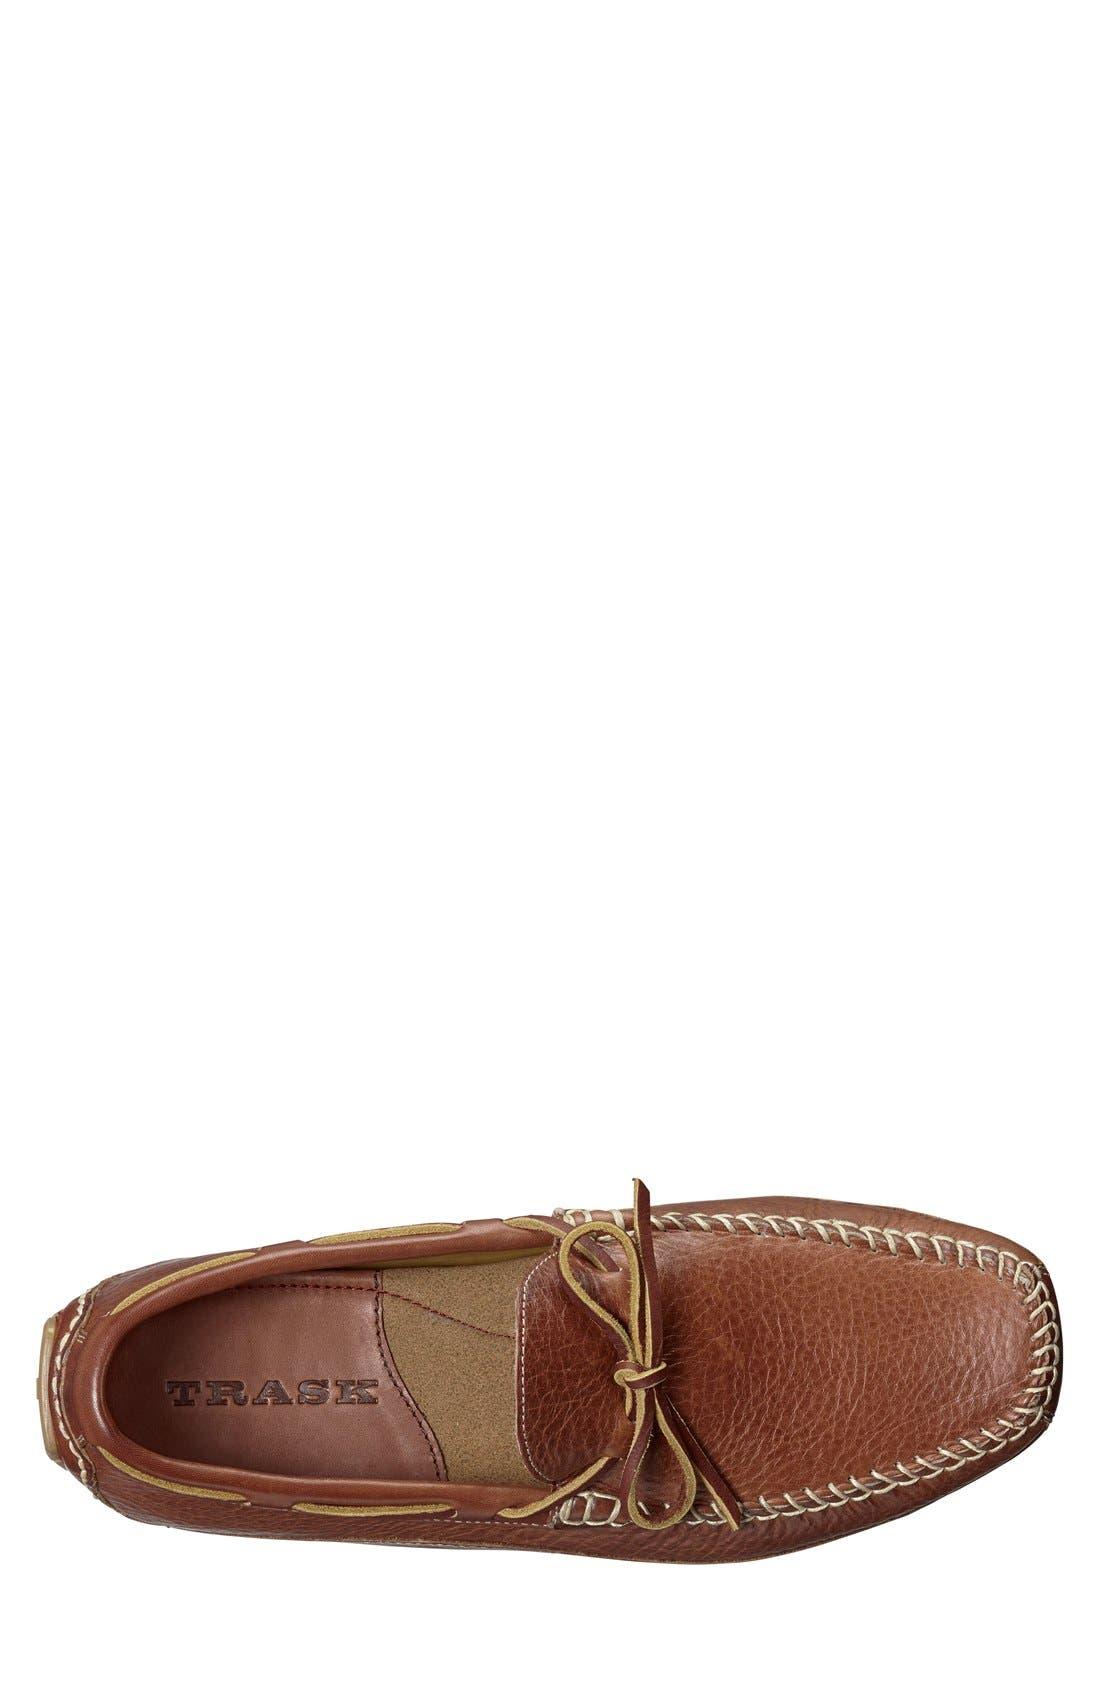 'Drake' Leather Driving Shoe,                             Alternate thumbnail 3, color,                             Saddle Tan